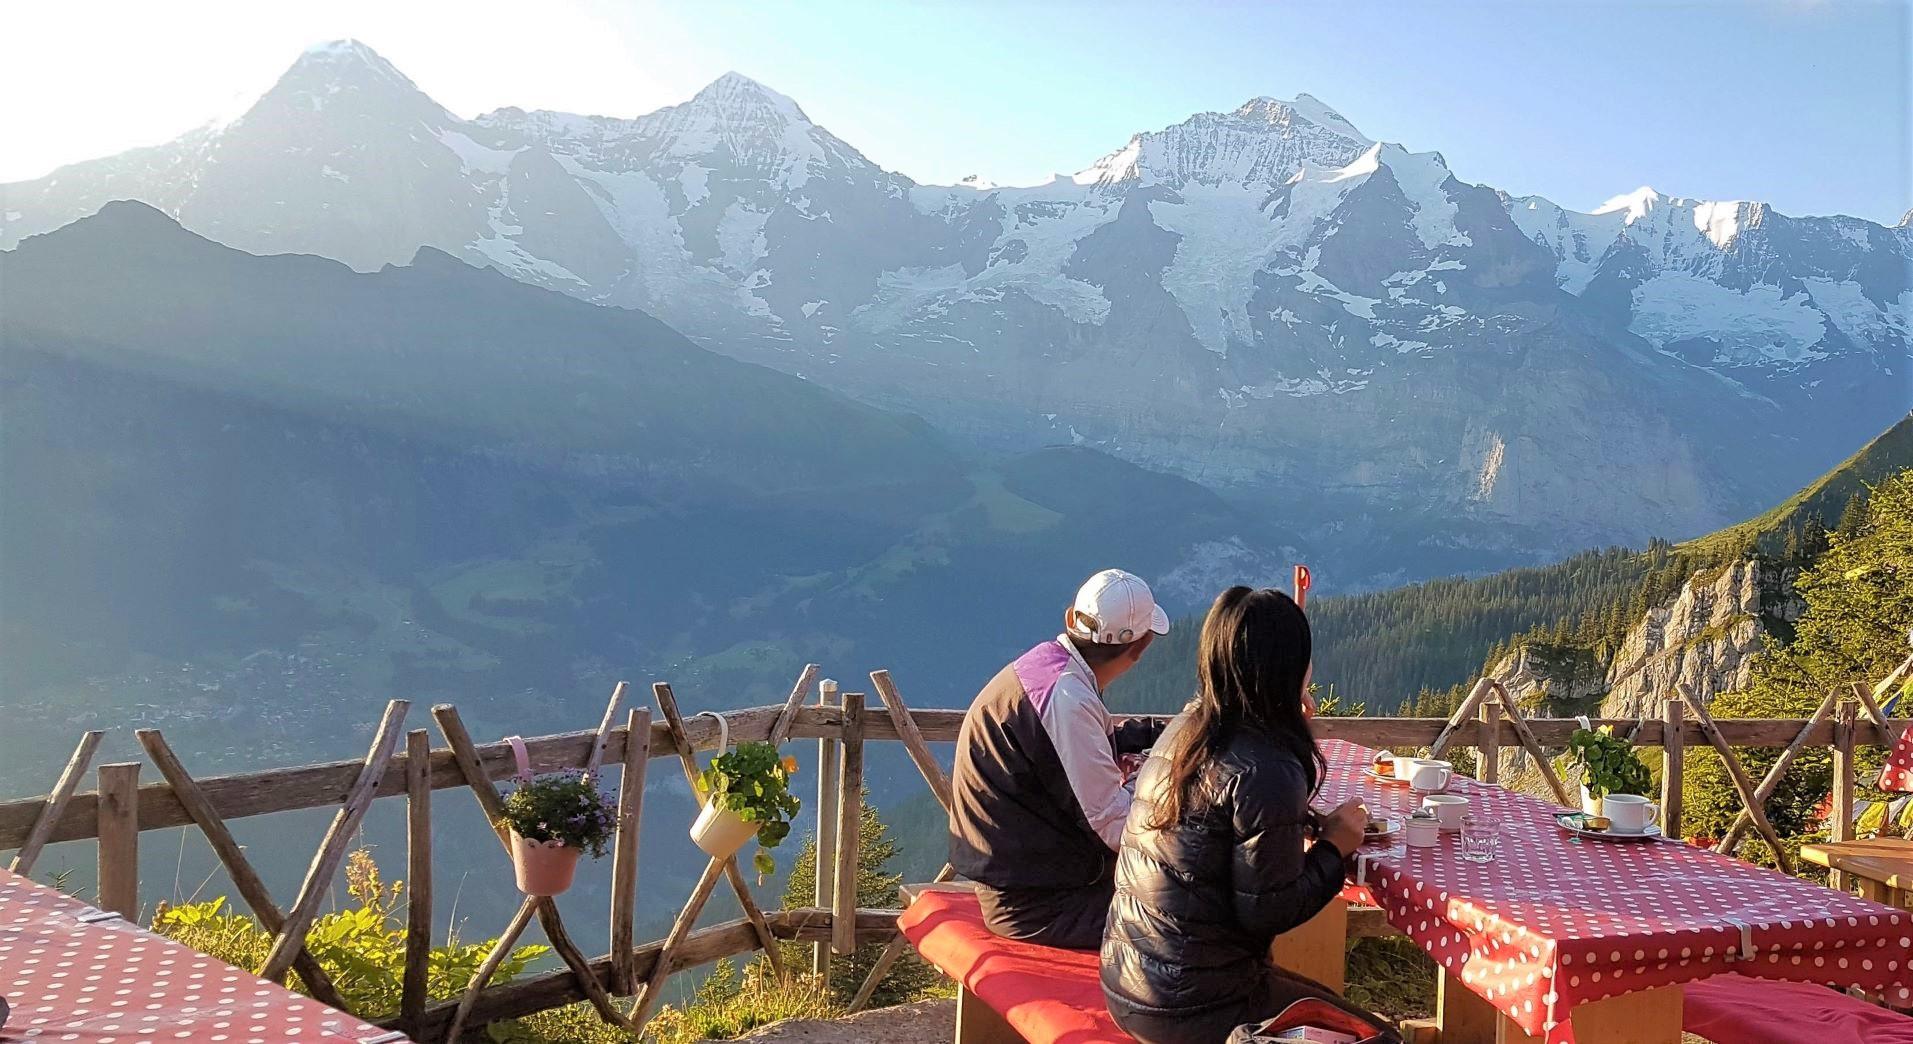 テラスでアルプスの山並みを見ながら朝食を食べる